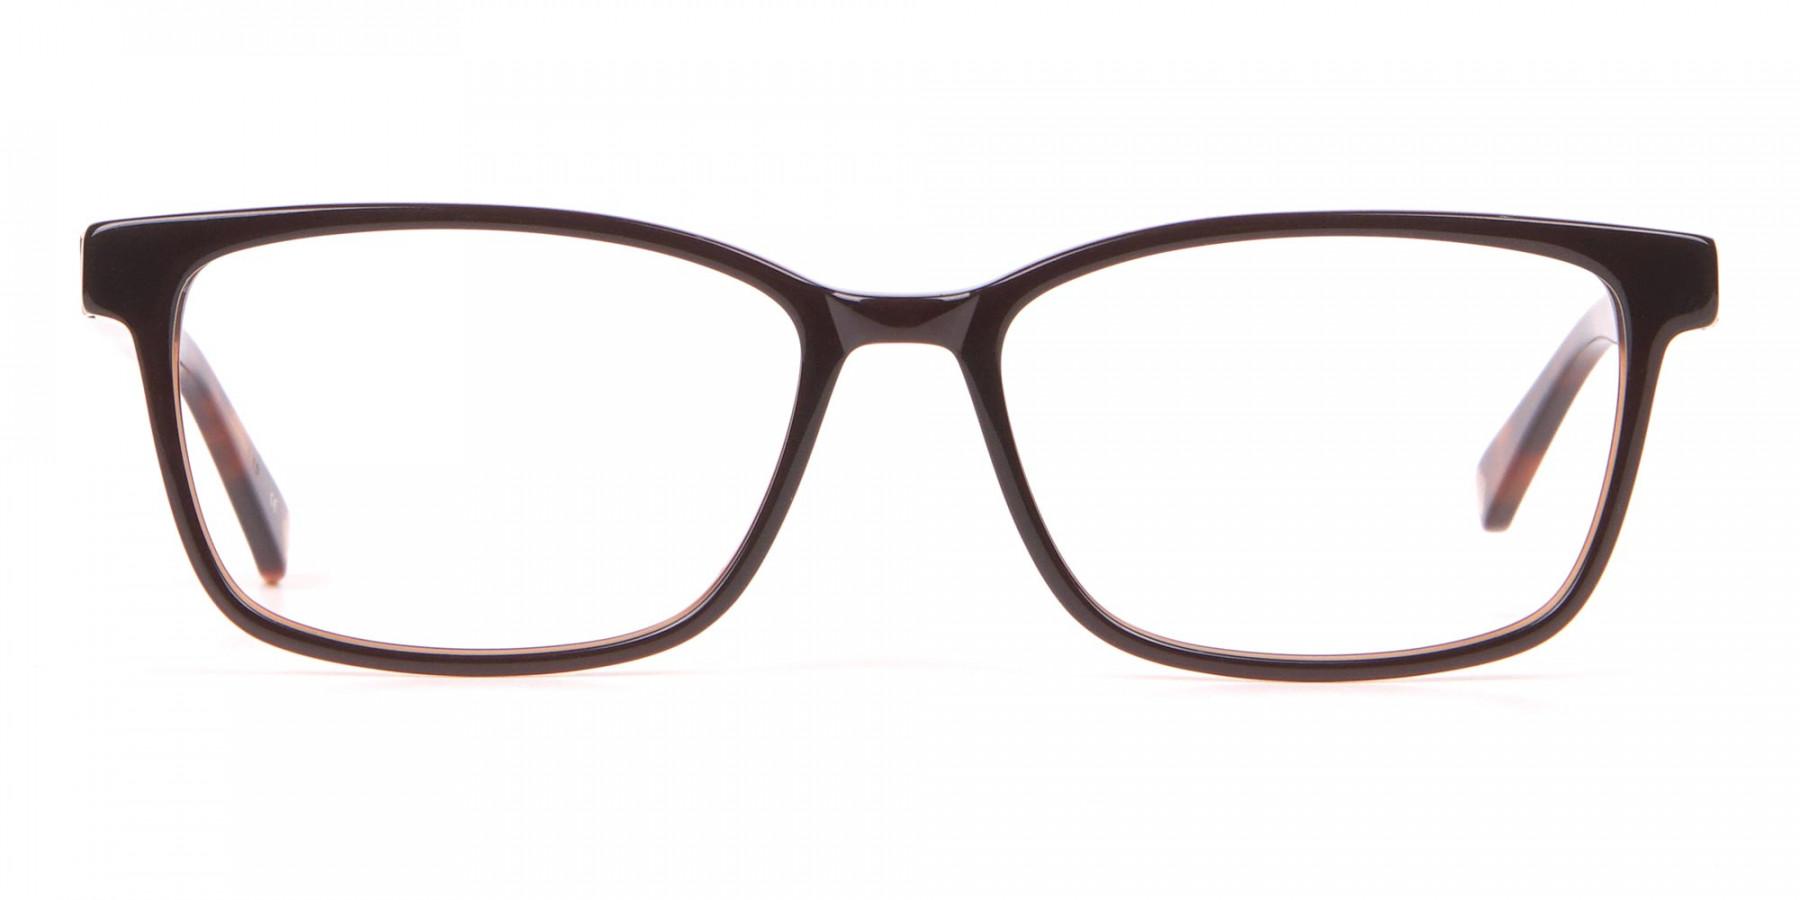 TED BAKER TB2810 FULLER Rectangular Glasses Black & Horn-1